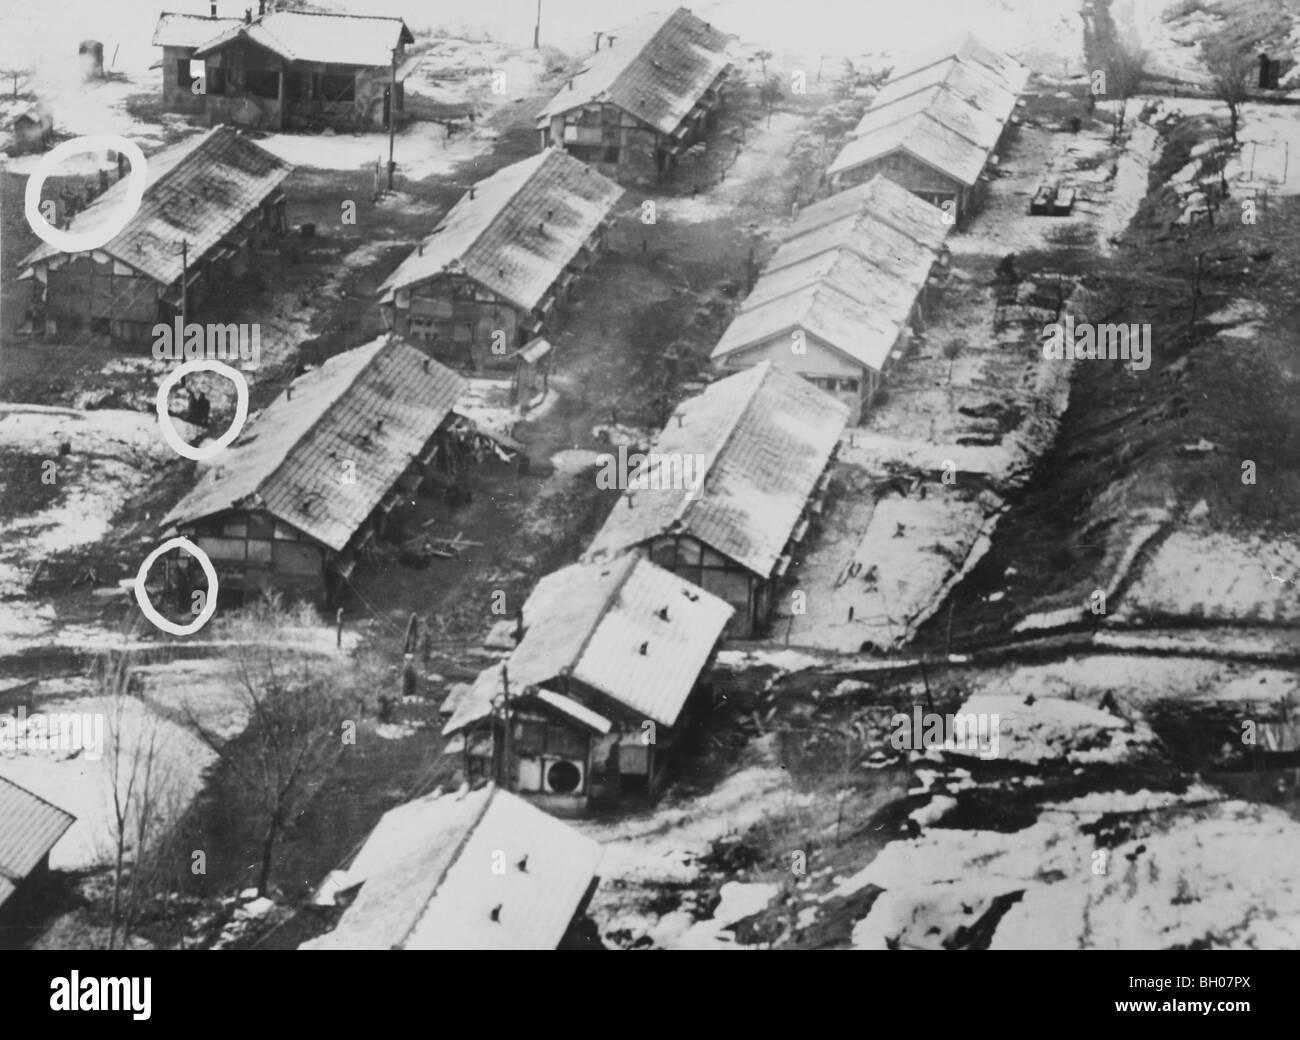 Antennen von niedrig fliegenden unbewaffneten US Air Force Jet Aufklärungsflugzeuge zeigen Kaserne-Art Strukturen Stockbild